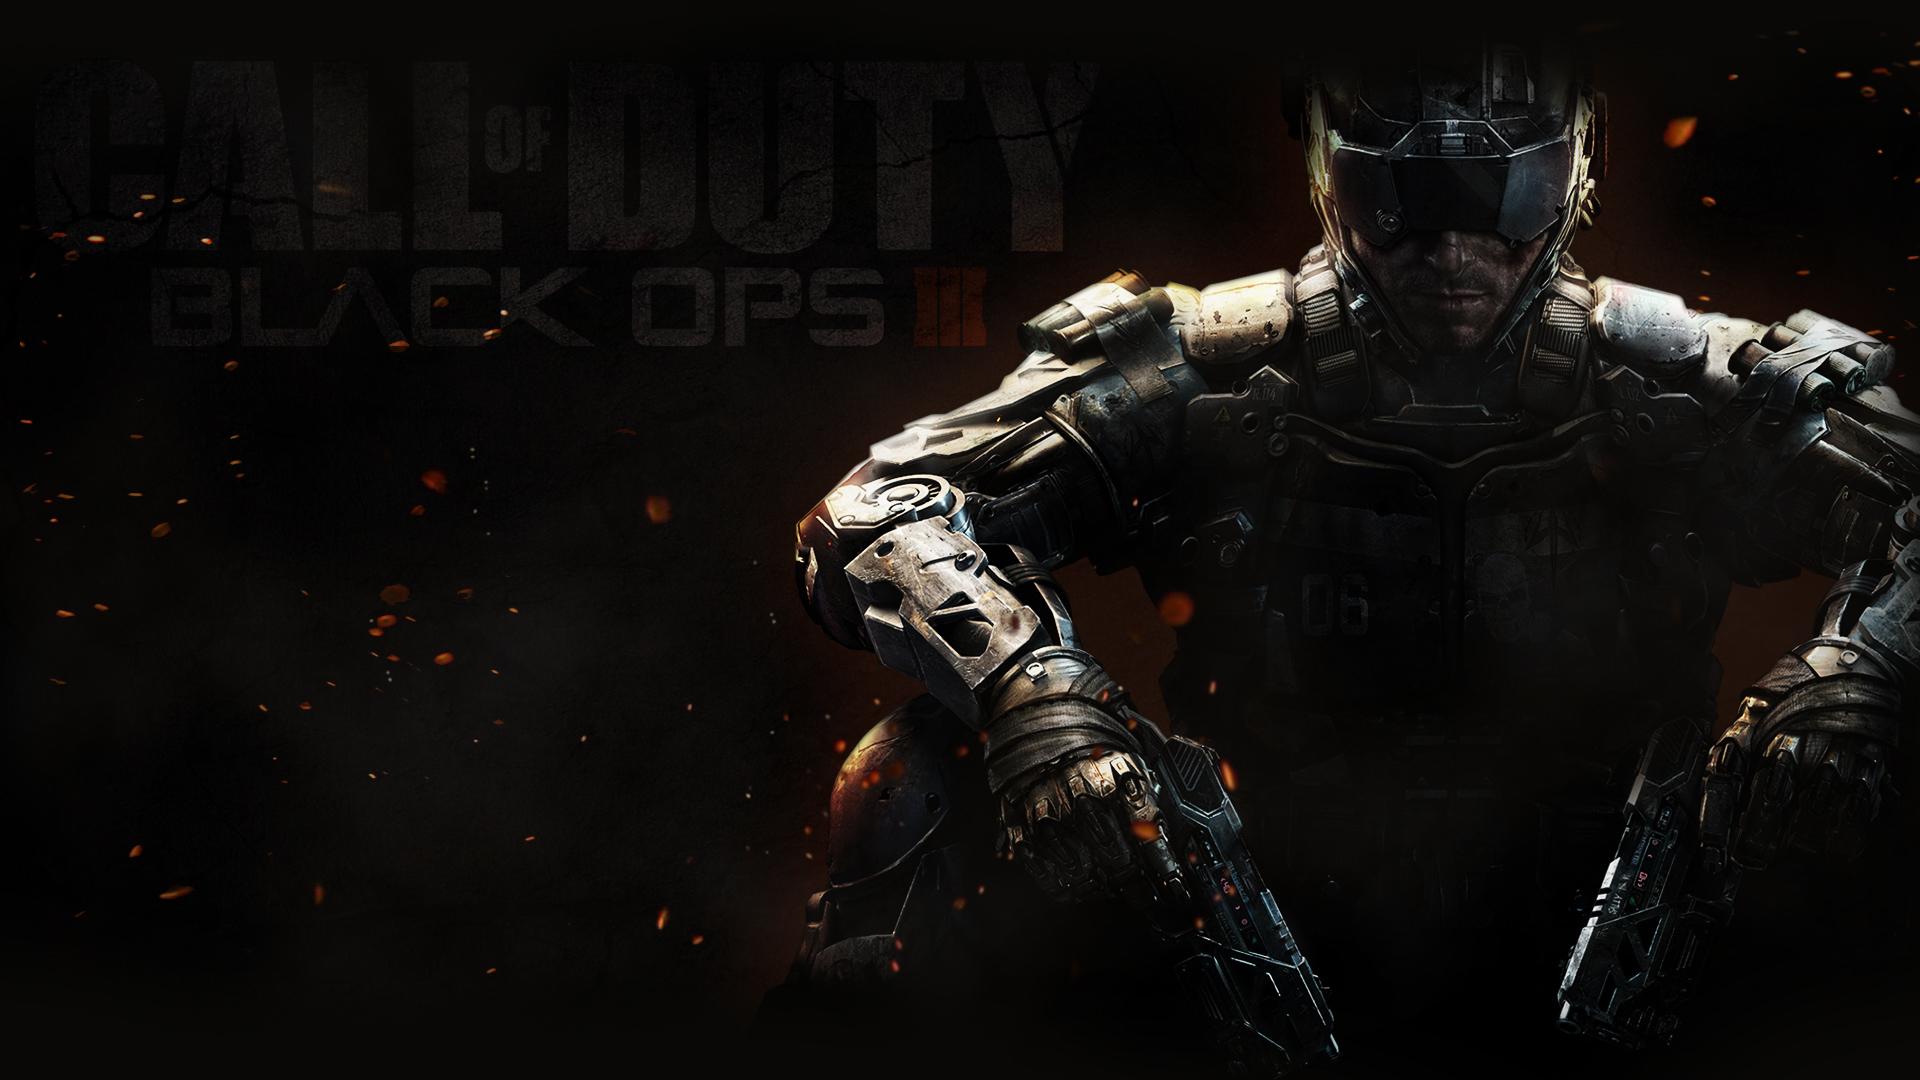 Hintergrundbilder : Ruf Der Pflicht, Black Ops 3